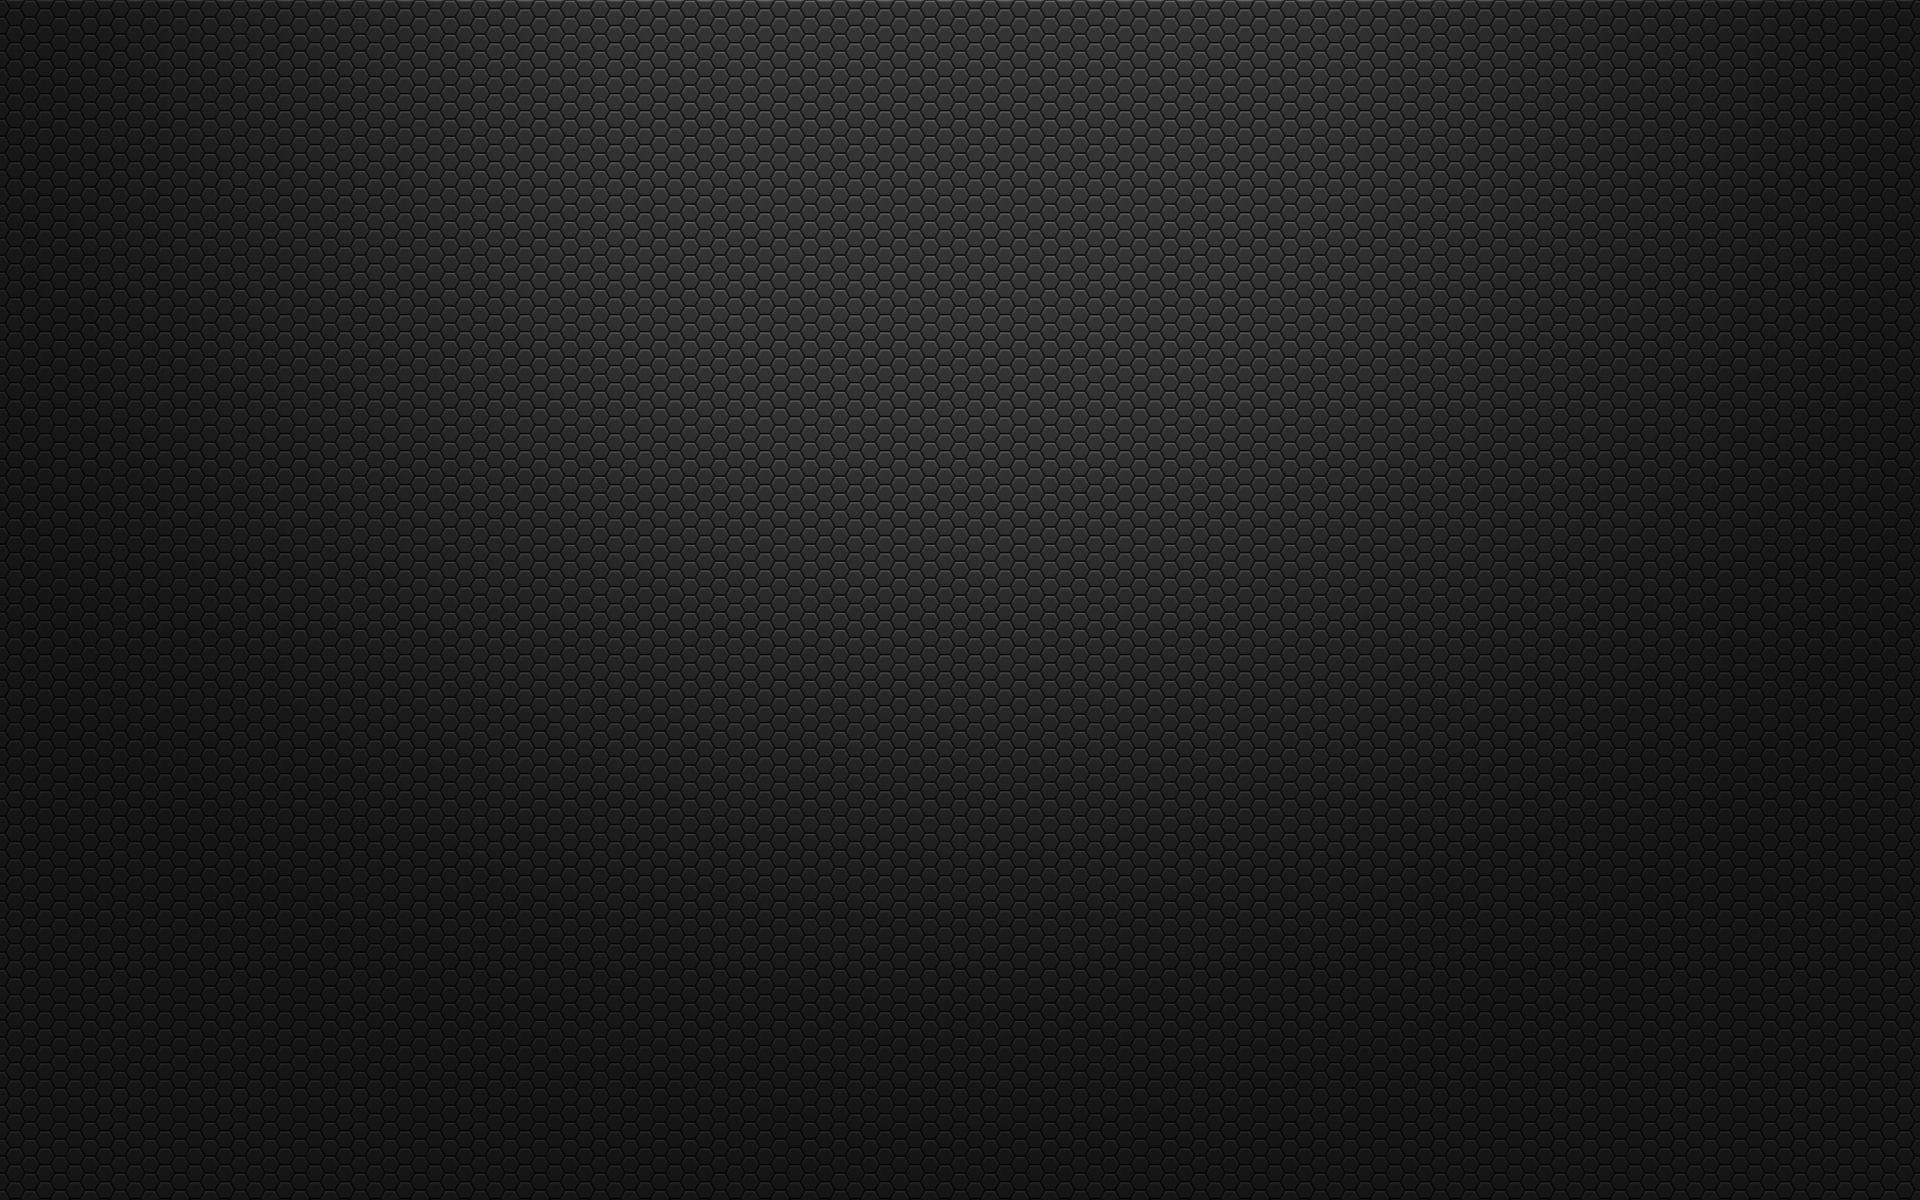 80294 скачать обои Текстуры, Поверхность, Линии, Полосы, Текстура, Темный, Сеть - заставки и картинки бесплатно